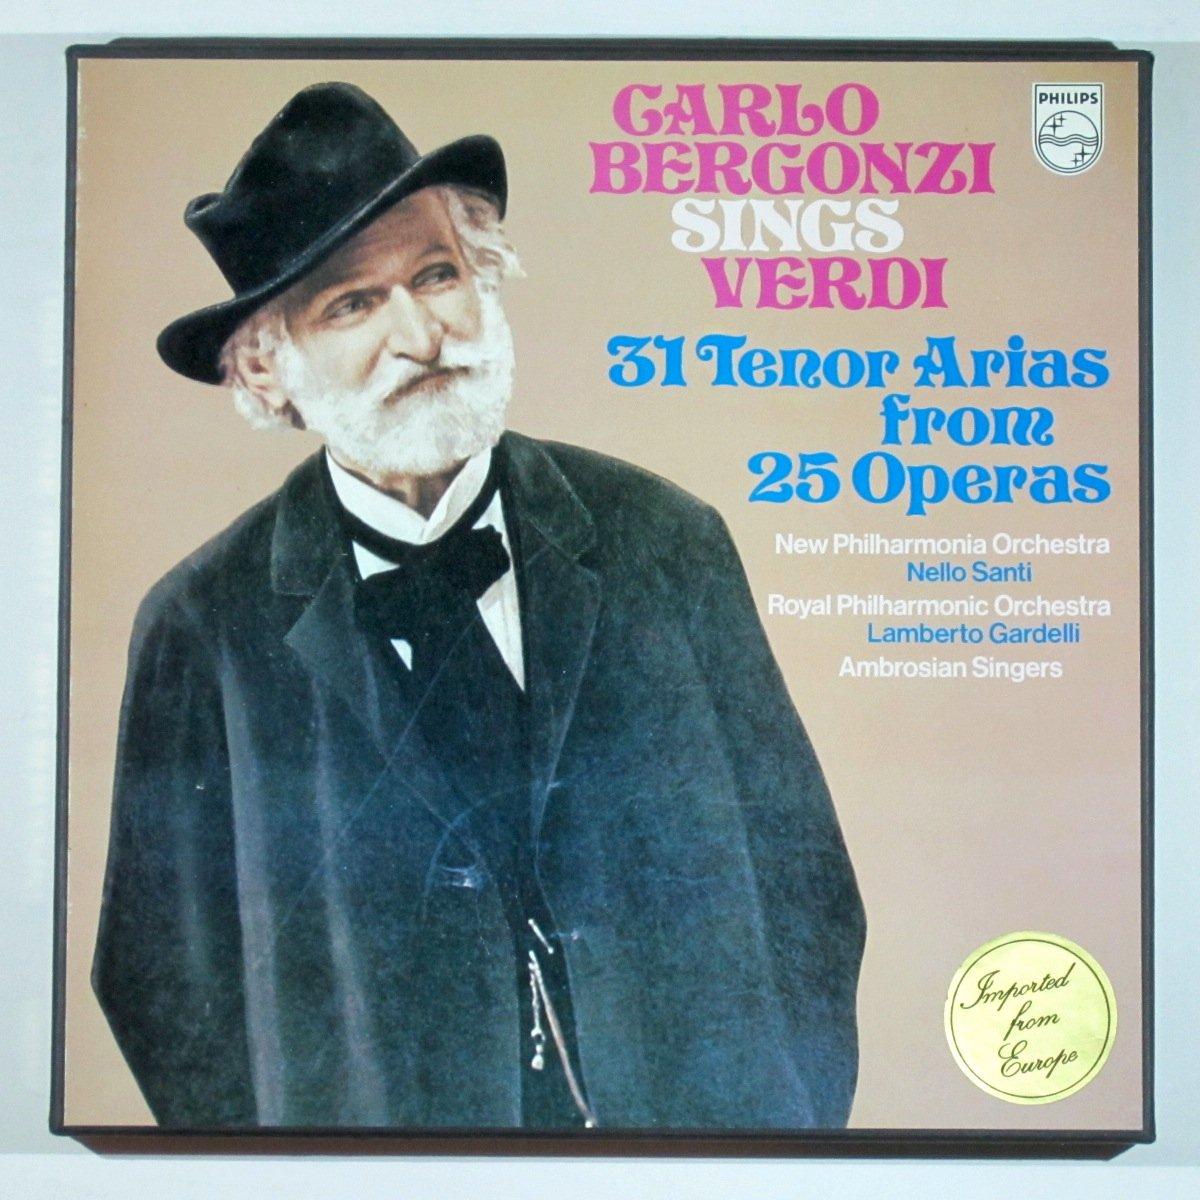 Carlo Bergonzi Sings Verdi: 31 Tenor Arias from 25 Operas